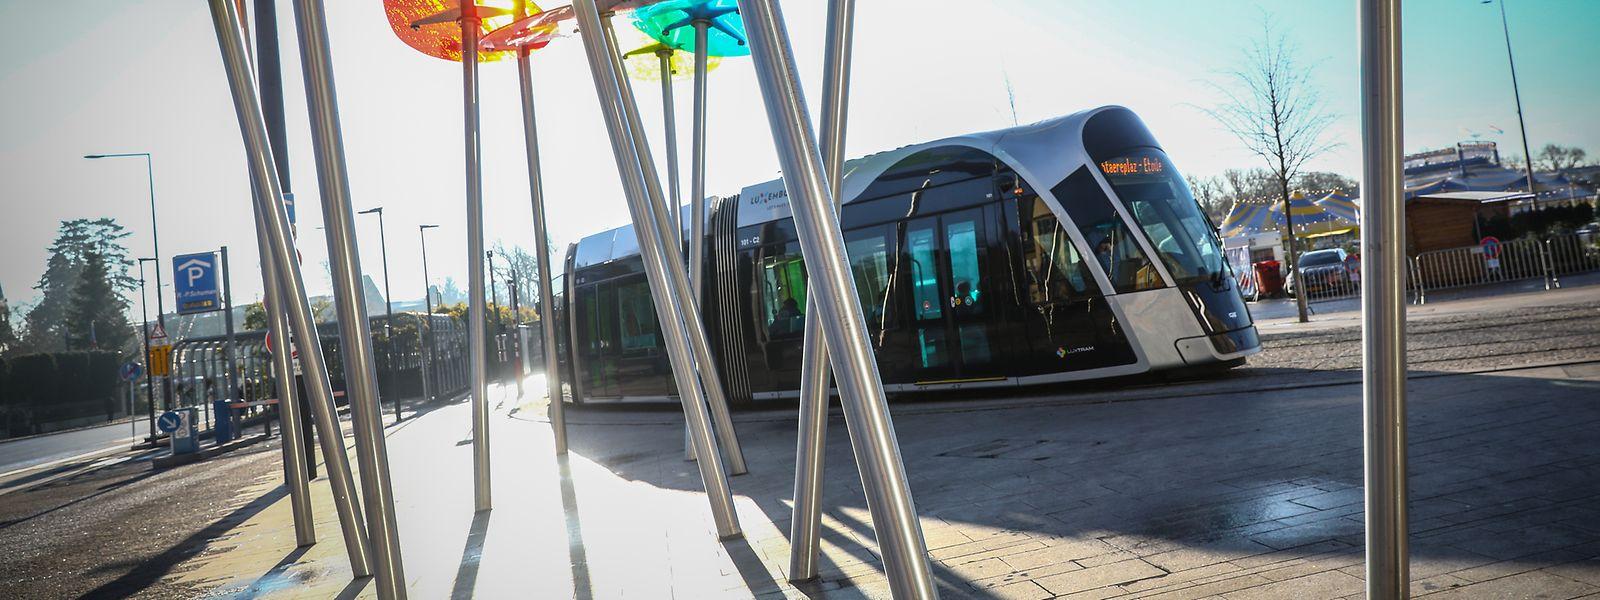 Umsonst mit Bus, Bahn und Tram: das sorgt auch im Ausland für großes Interesse.